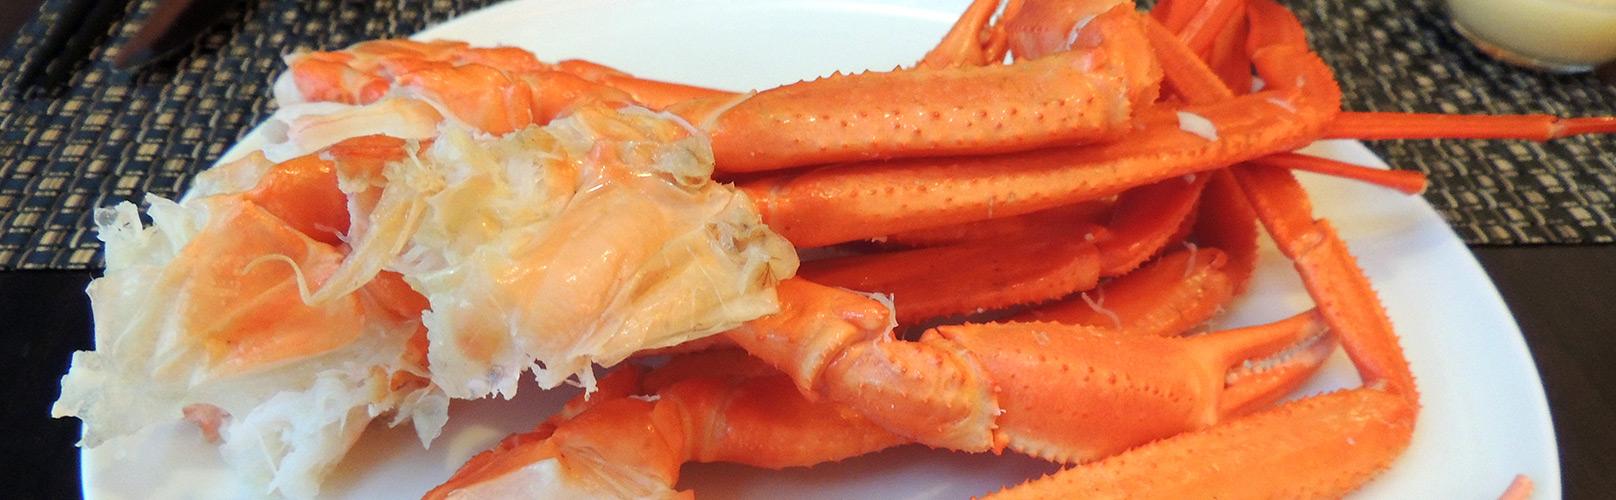 seatrek red crab